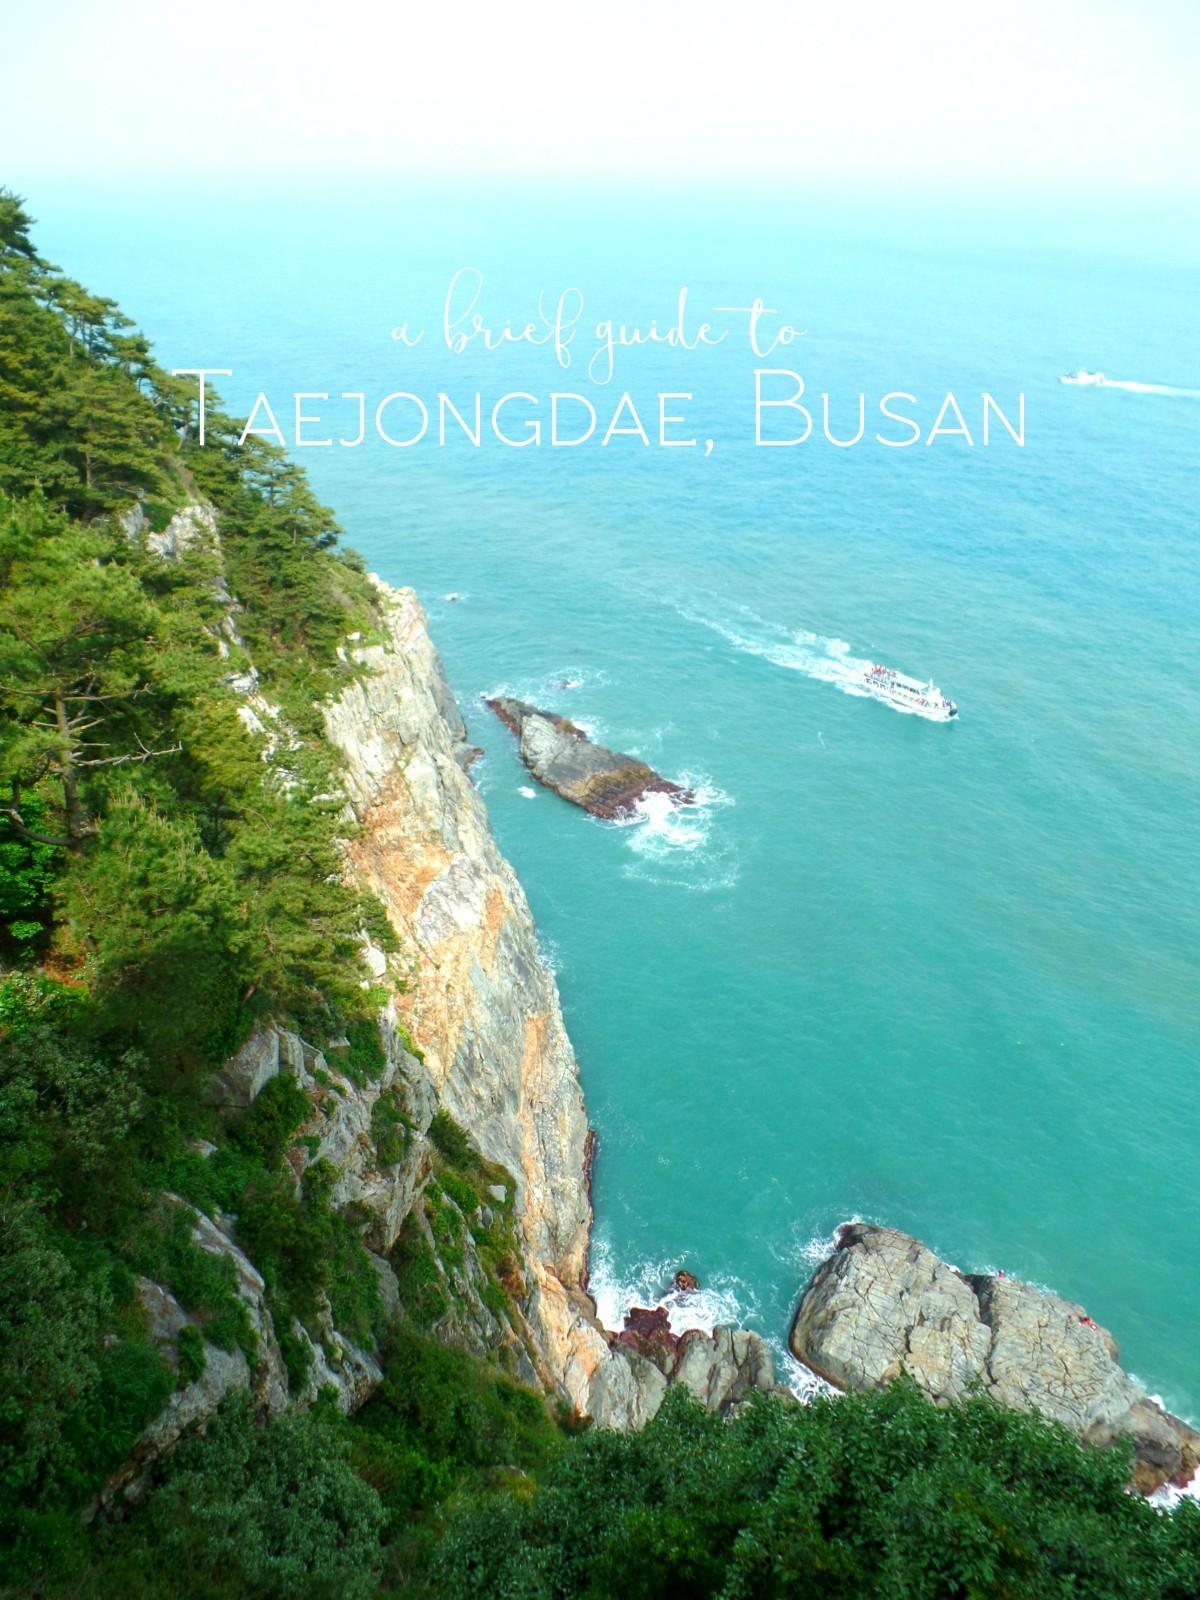 taejongdae-busan-title